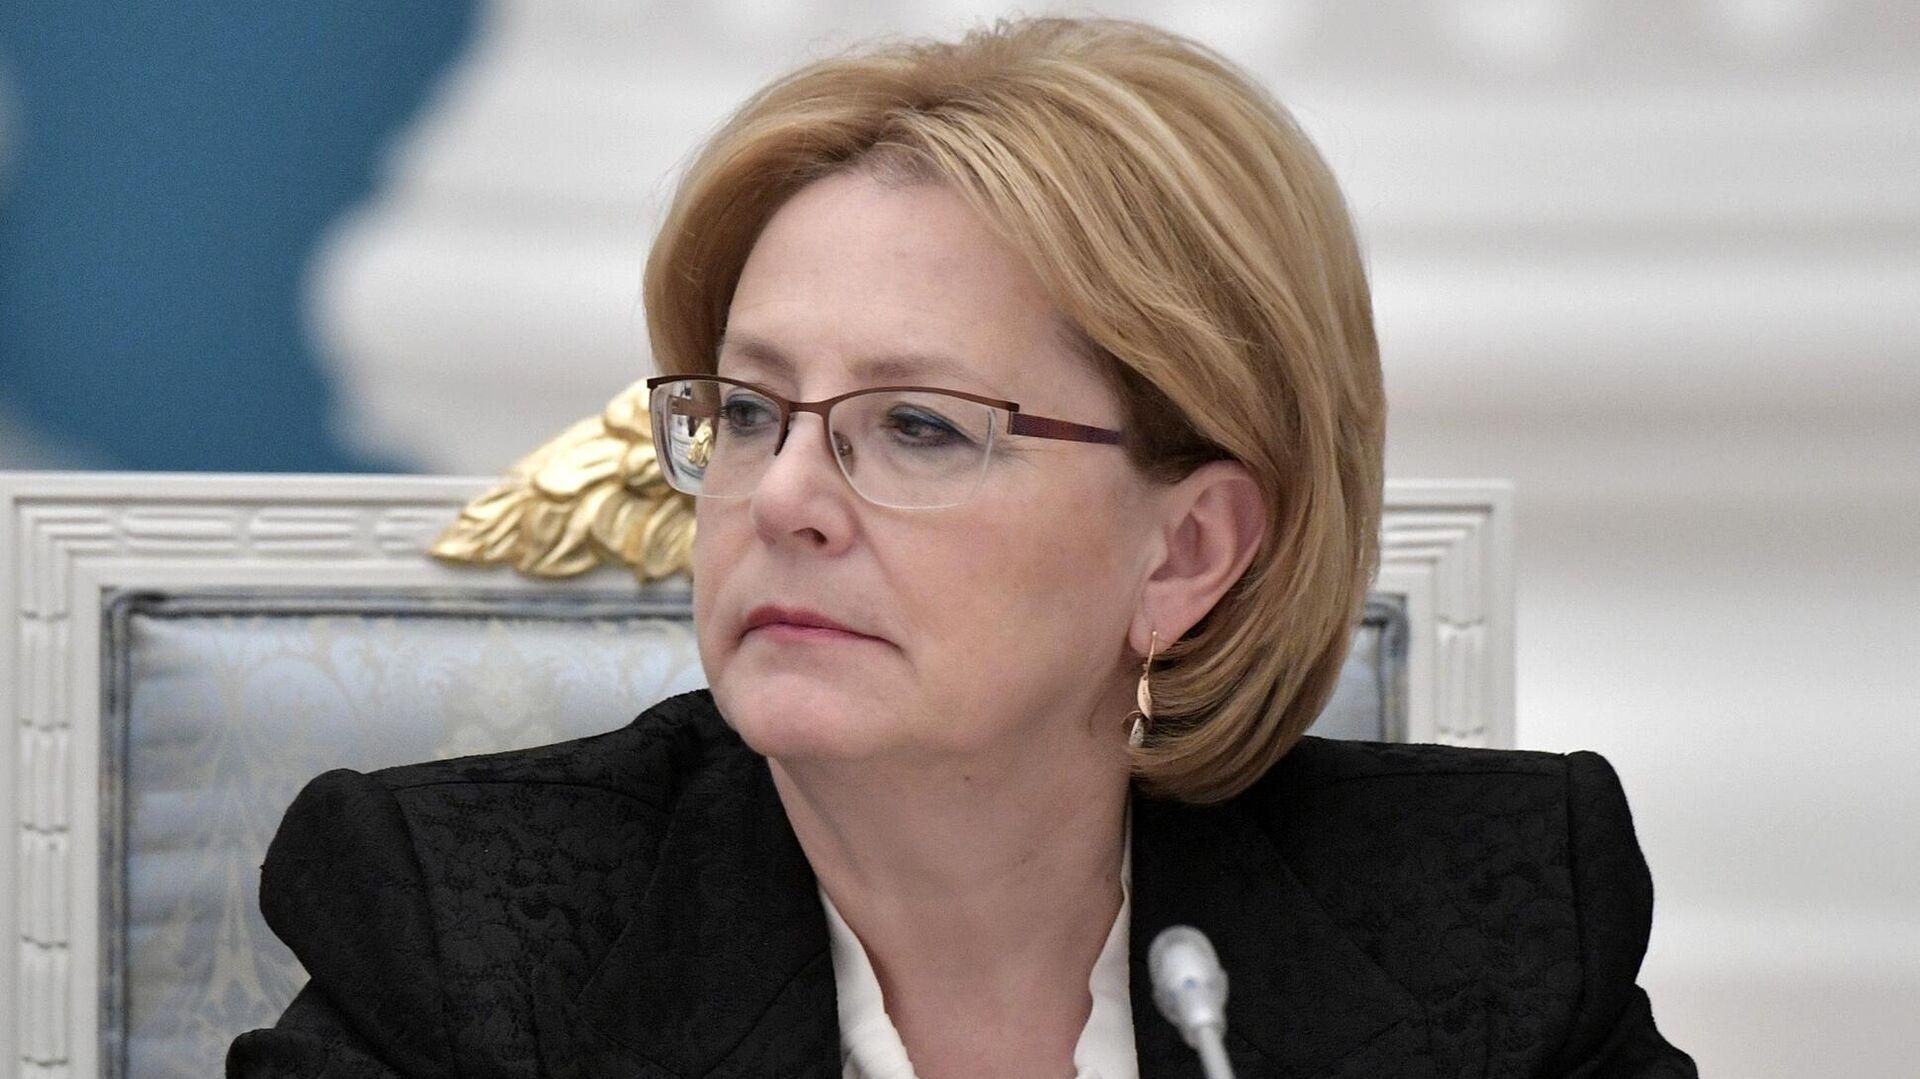 Скворцова возглавит группу ВОЗ по борьбе с неинфекционными заболеваниями